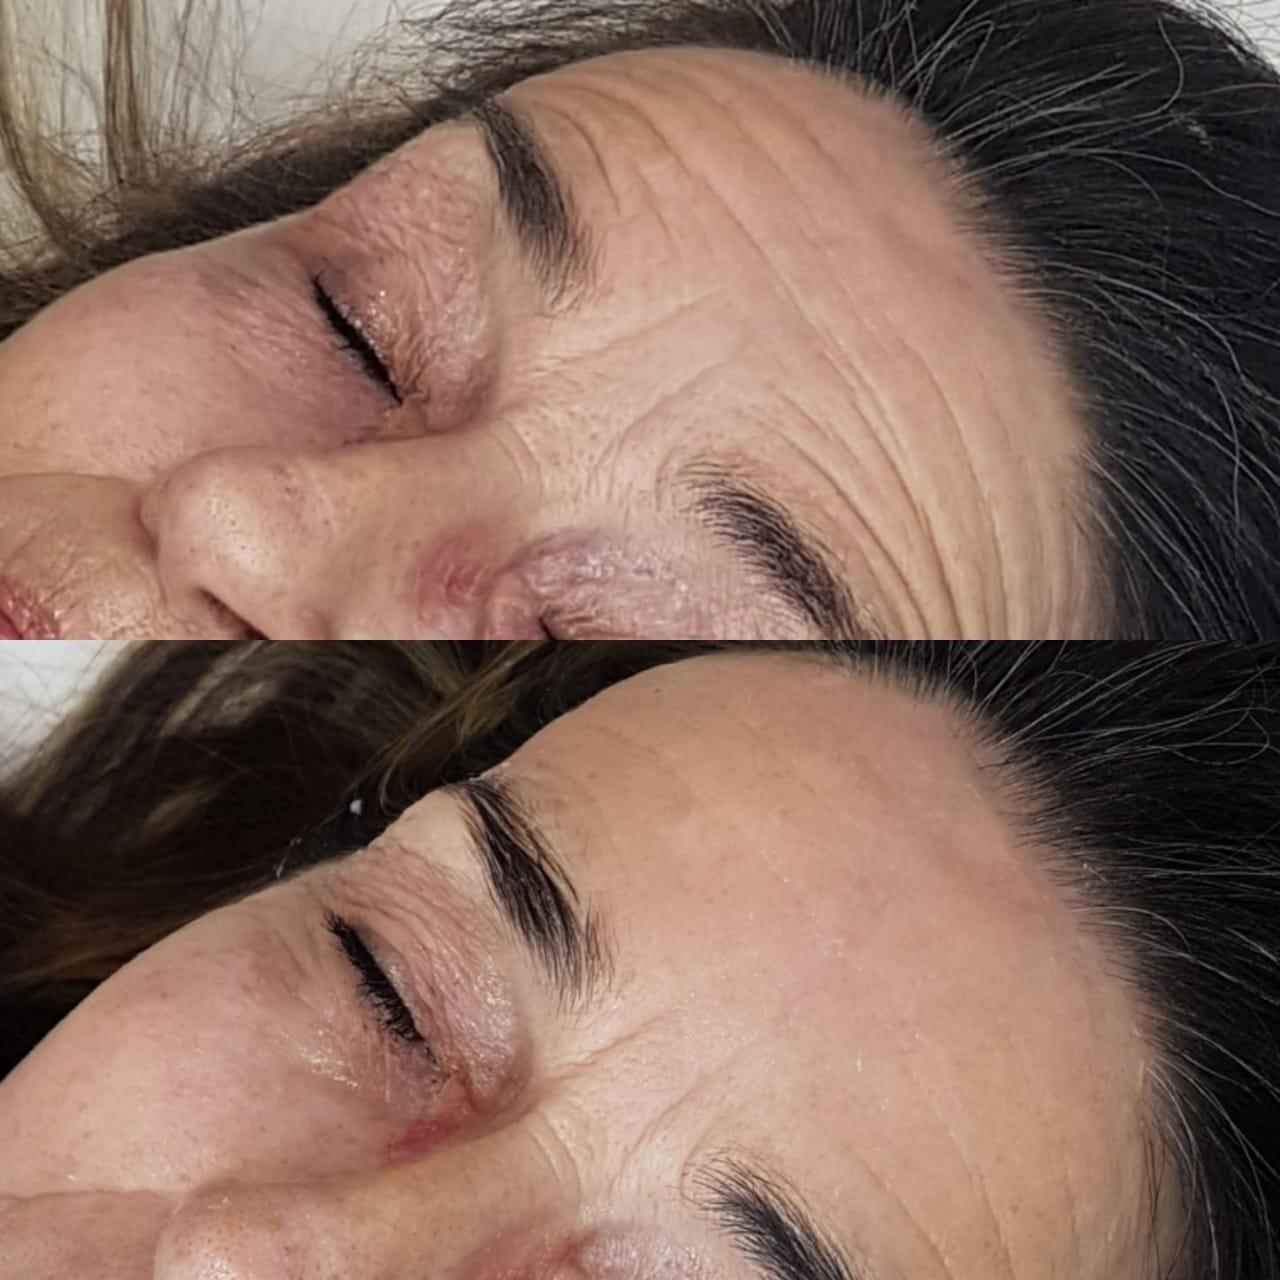 Needleless PDO Thread Lift Course - Beauty RecipeBeauty Recipe